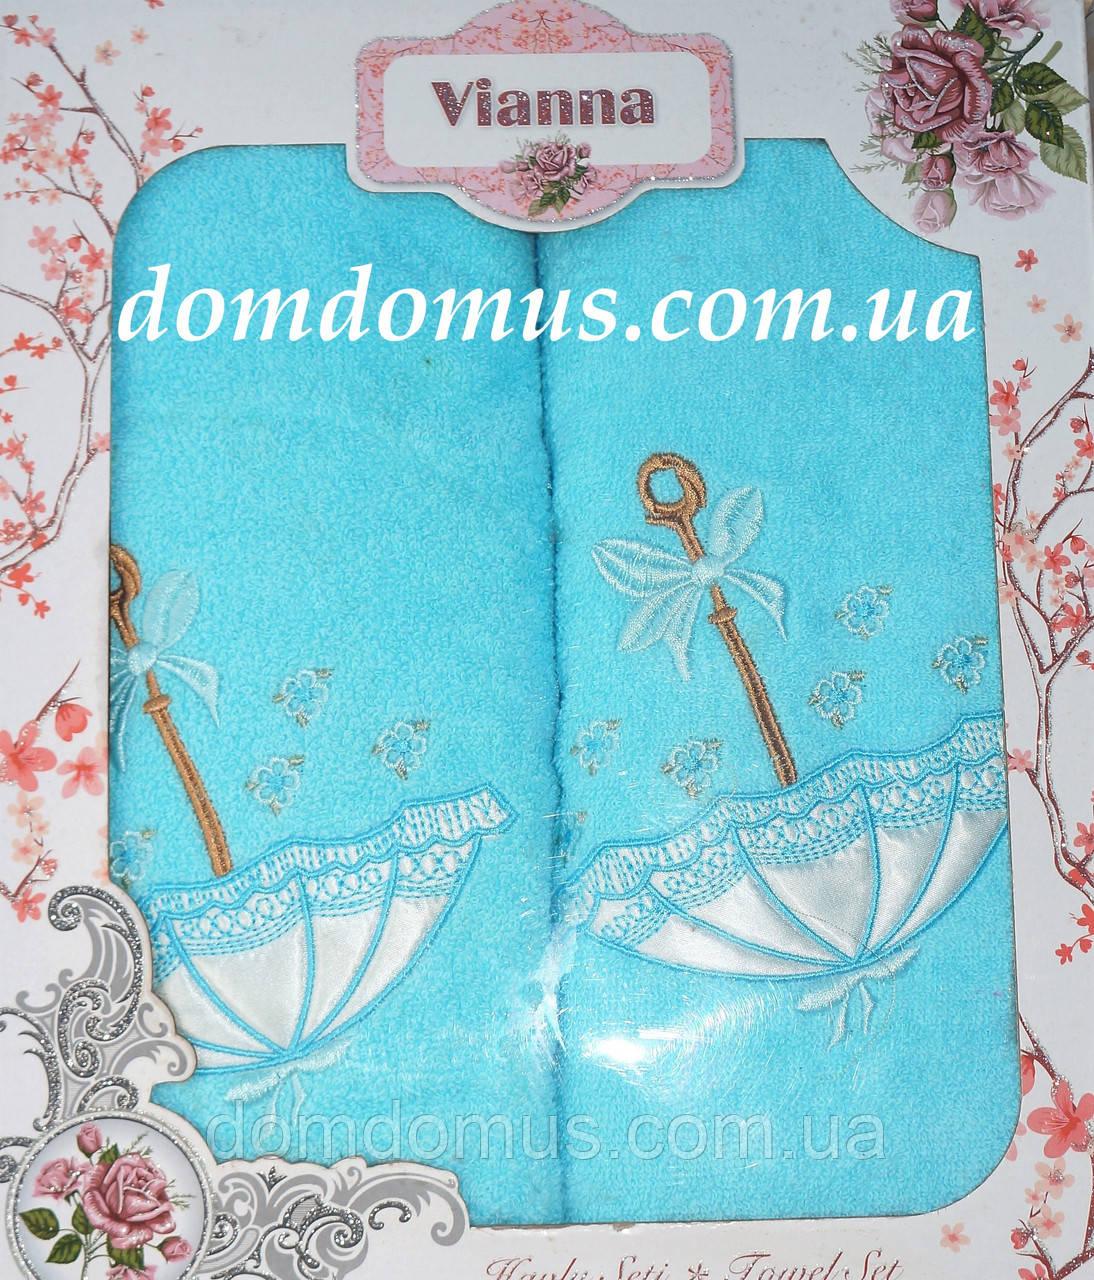 """Подарочный набор махровых полотенец 3D """"Зонтик"""" Vianna, Турция"""